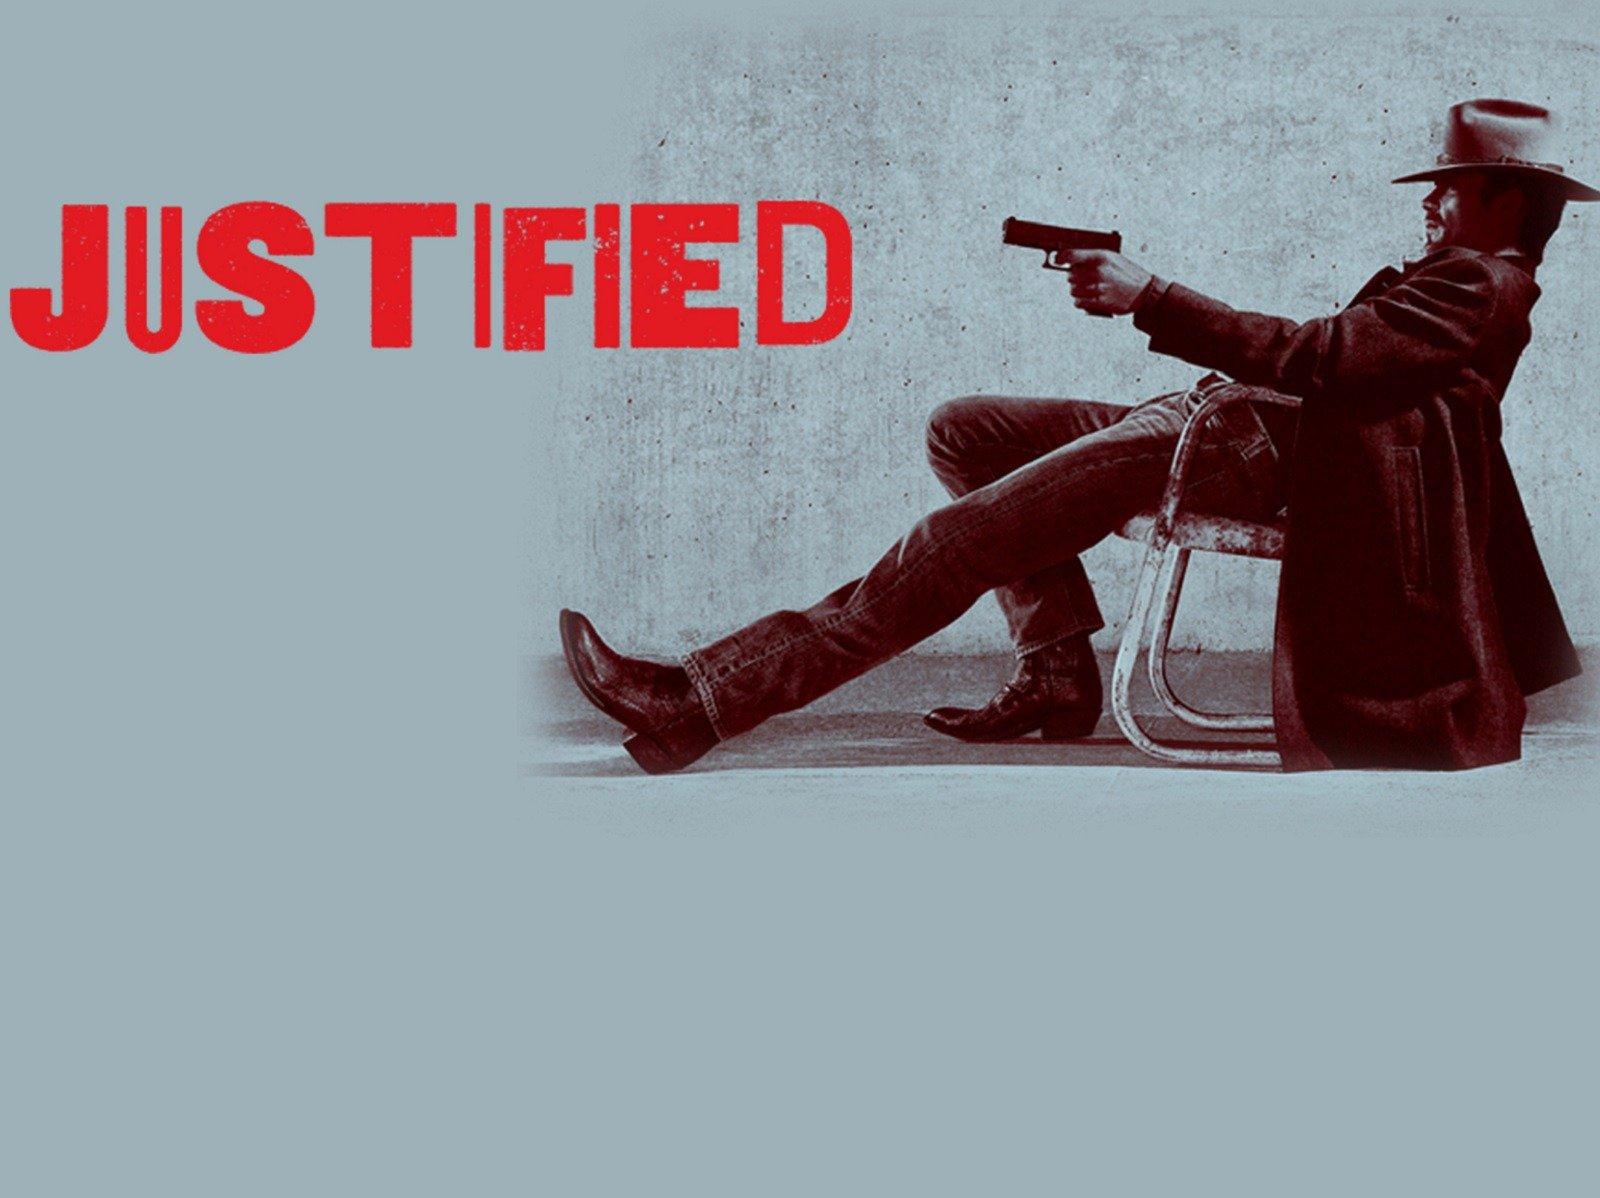 Justified - Season 3